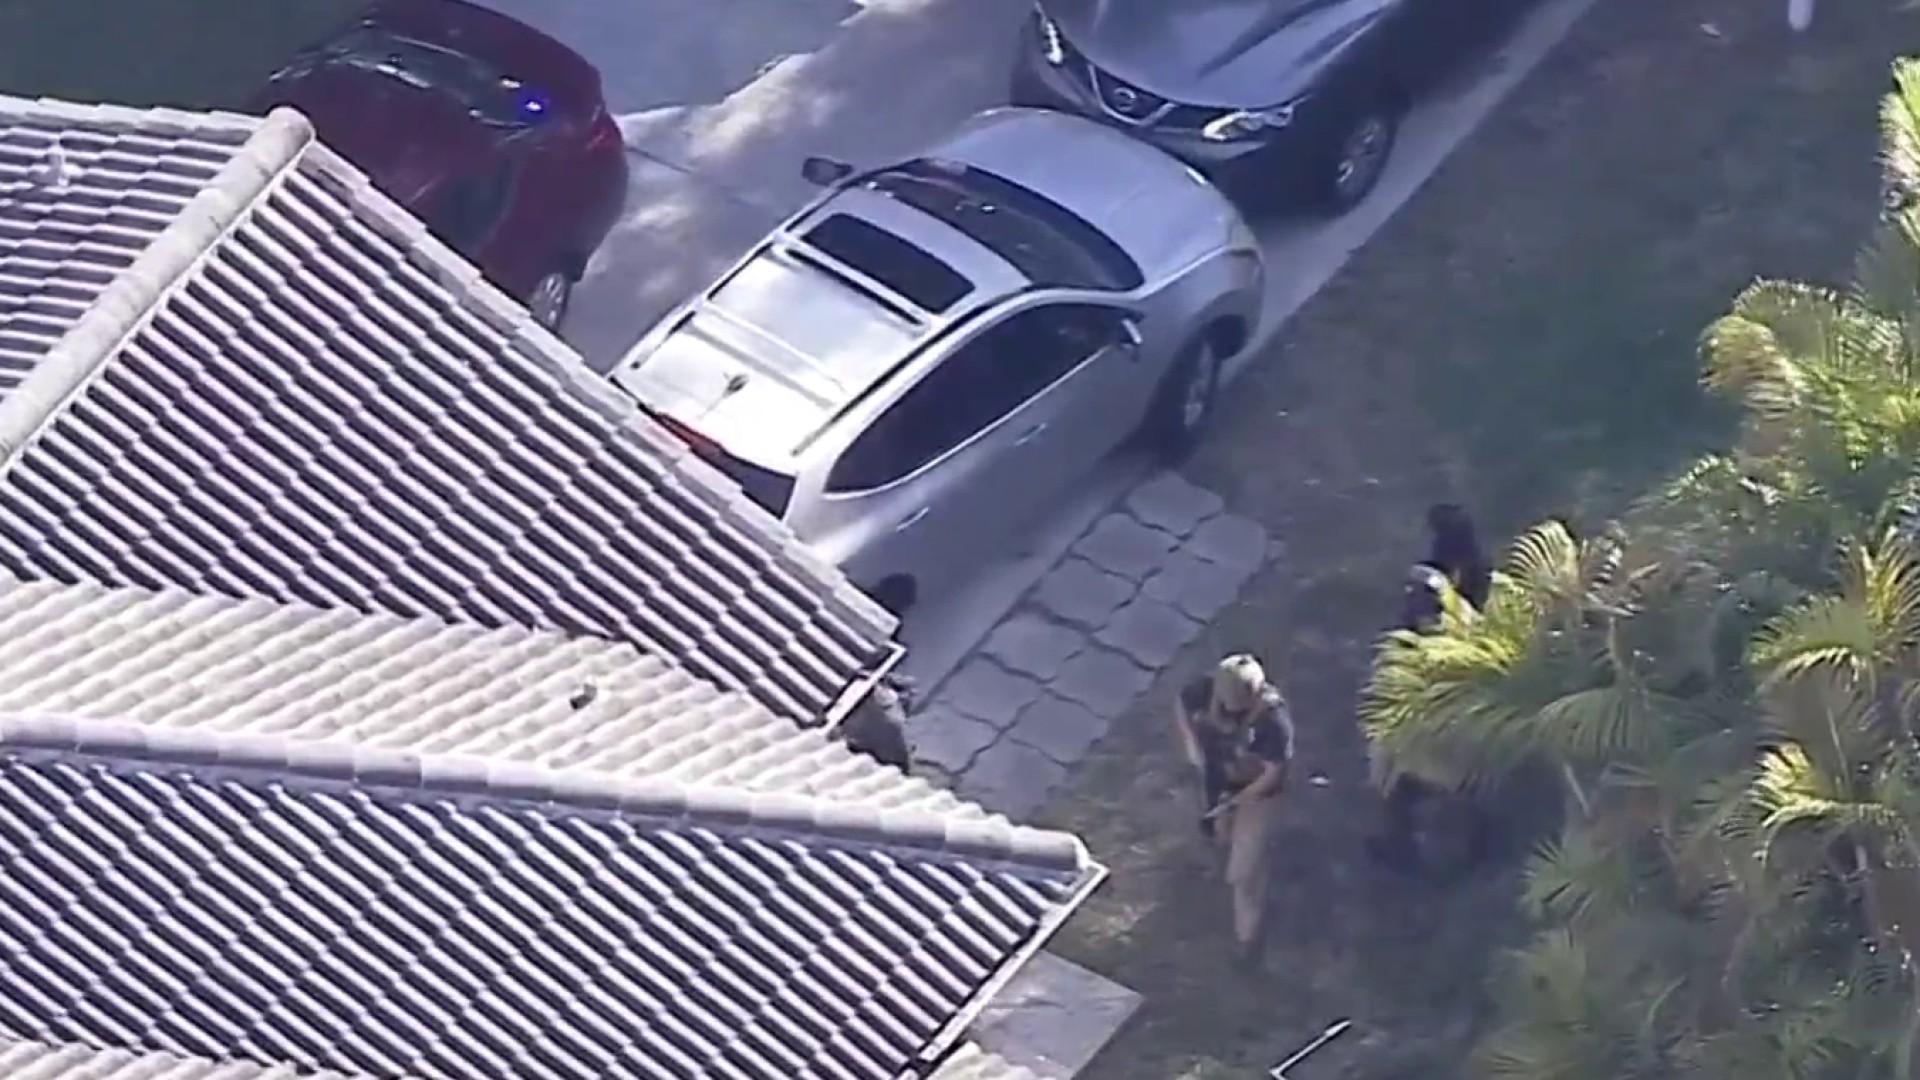 1 Dead, 1 Injured After Shooting in Coral Springs Neighborhood